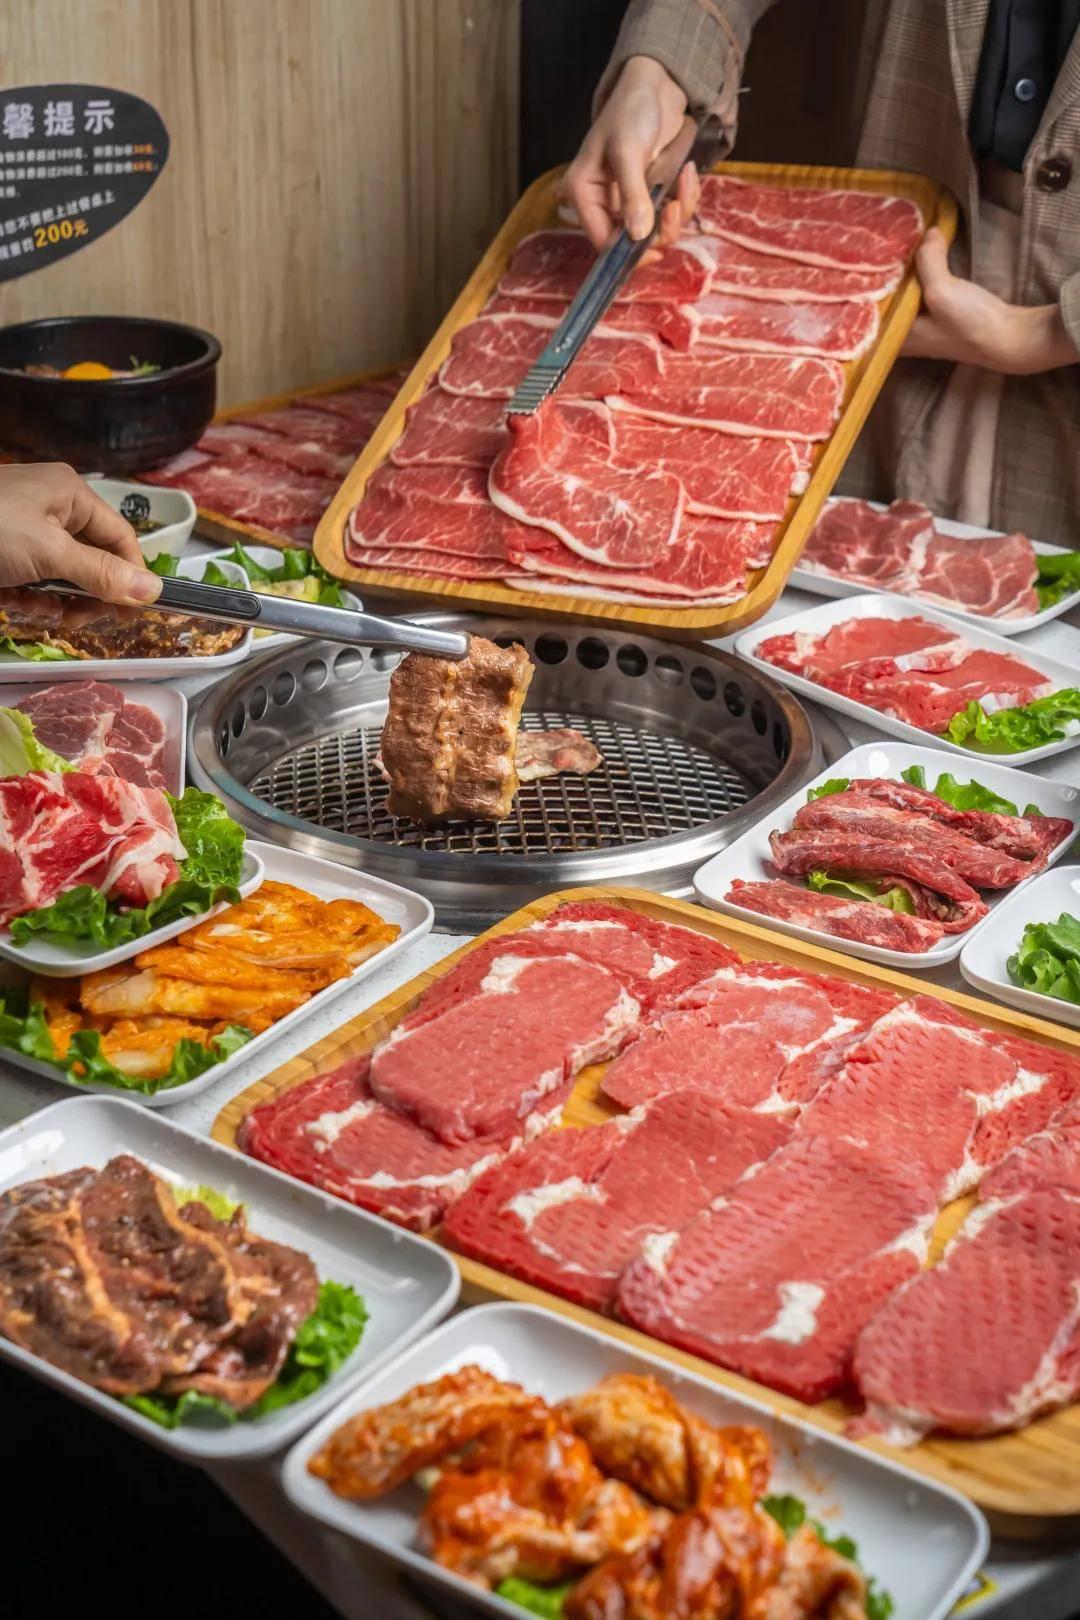 烤肉放题,巴掌大肥牛,爆汁梅花肉...